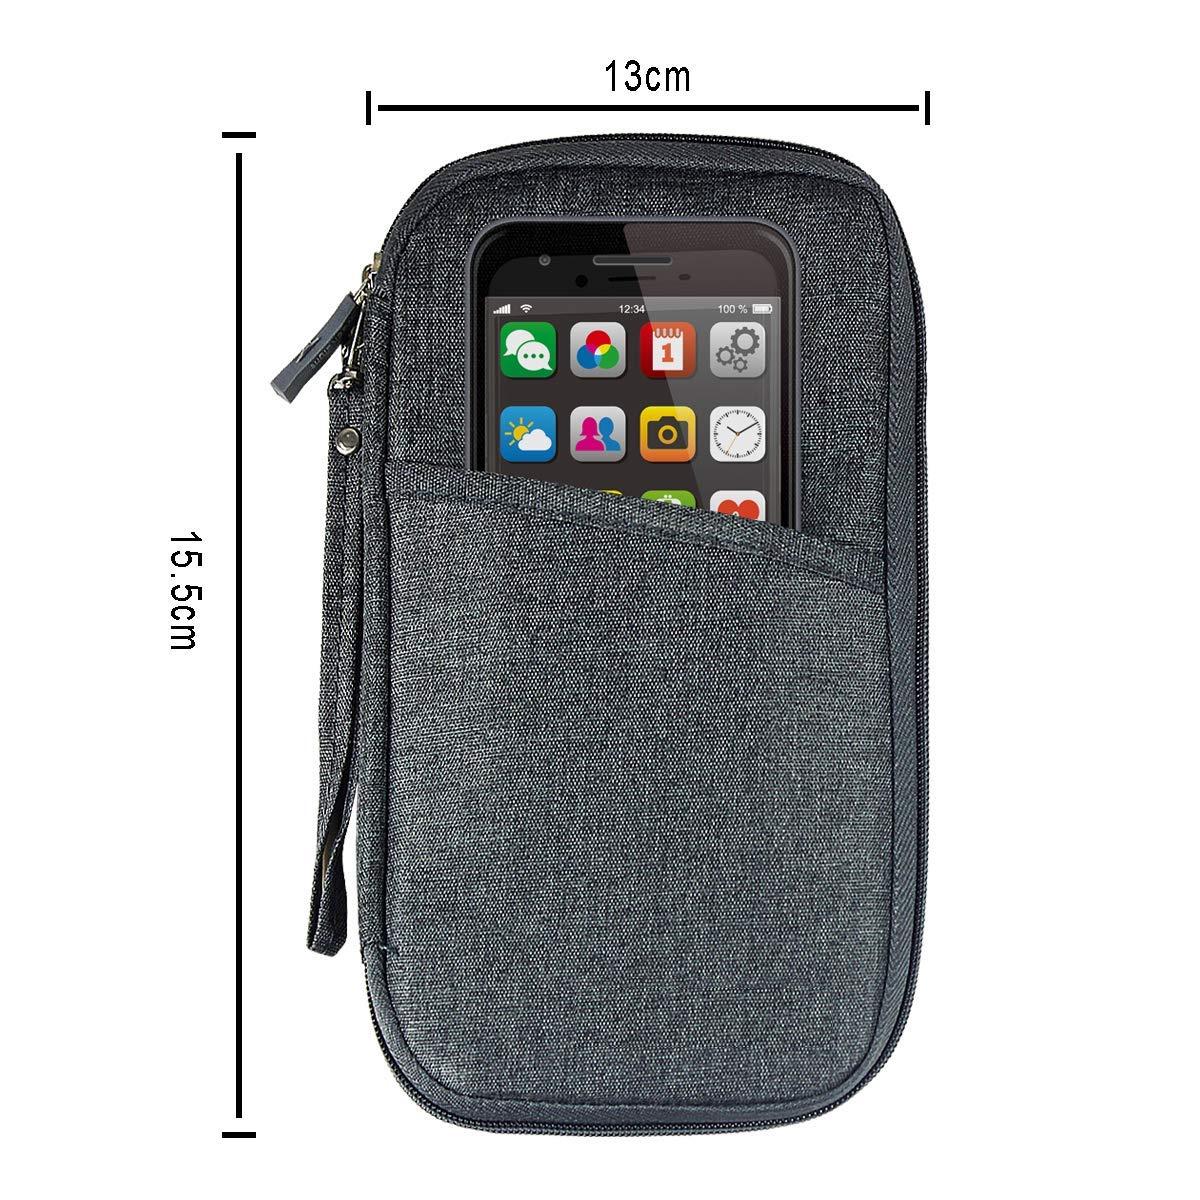 Passport Wallet Travel Passport Credit Card Holder Organizer Bag Case with Removable Wrist Strap for Men Women Dark Grey